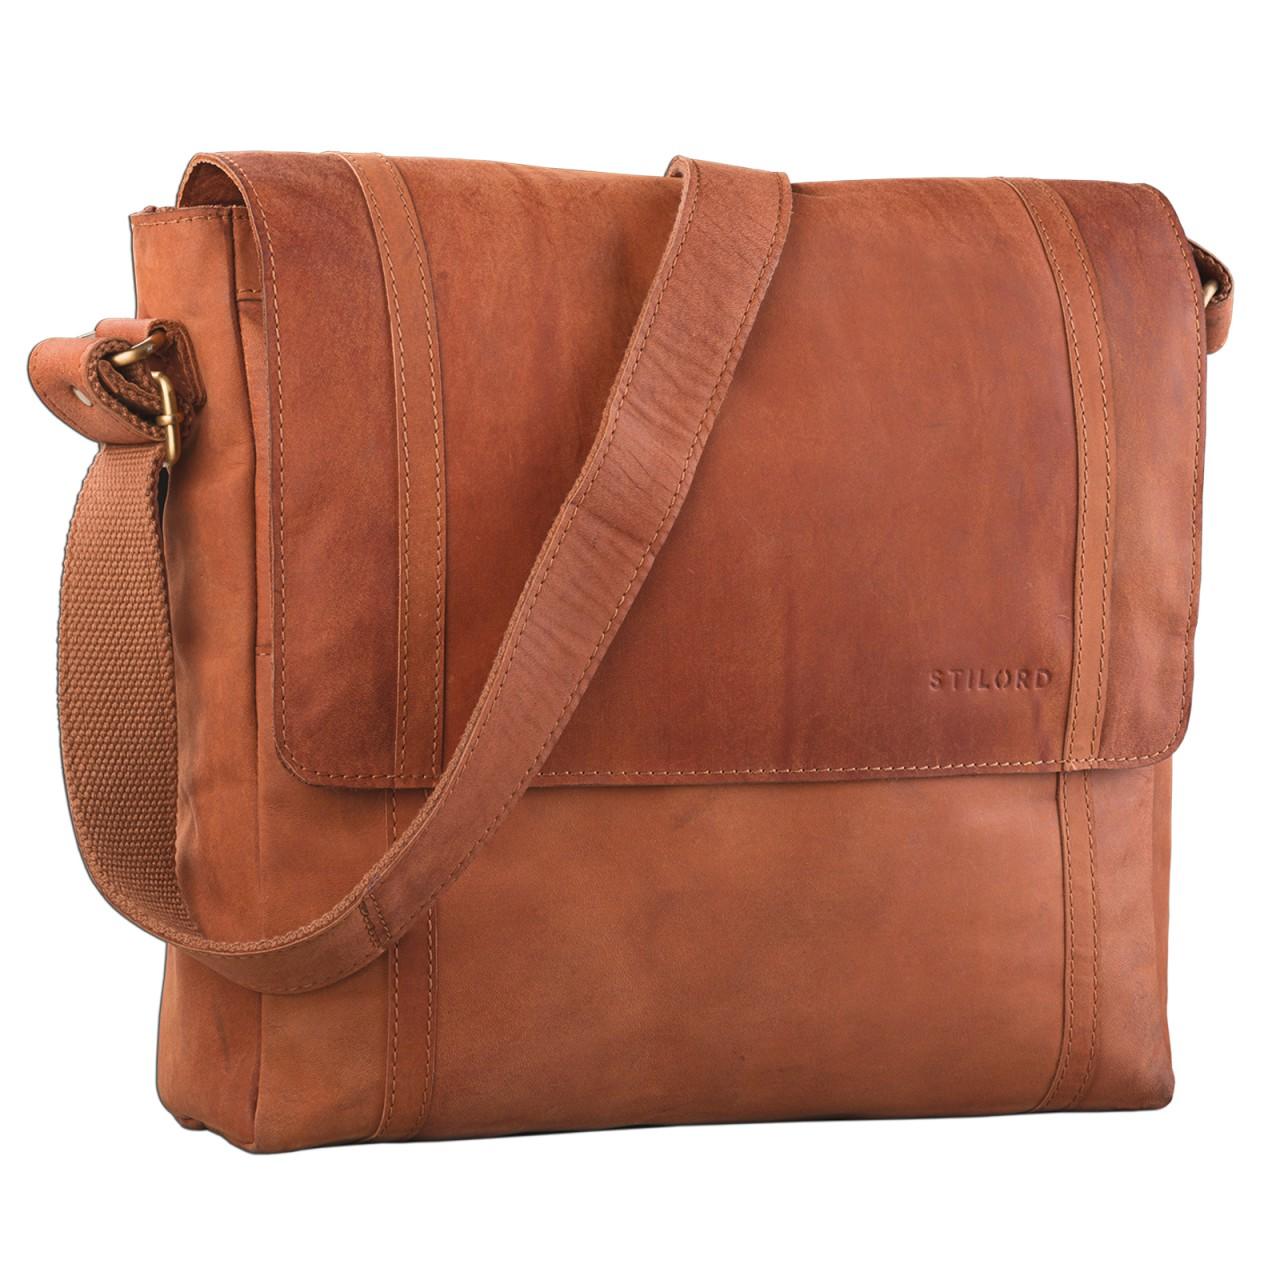 STILORD Schultertasche Ledertasche Umhängetasche Messenger Bag MacBook Laptop 14 Zoll A4 Akten Uni Freizeit Arbeit Leder orange braun - Bild 1